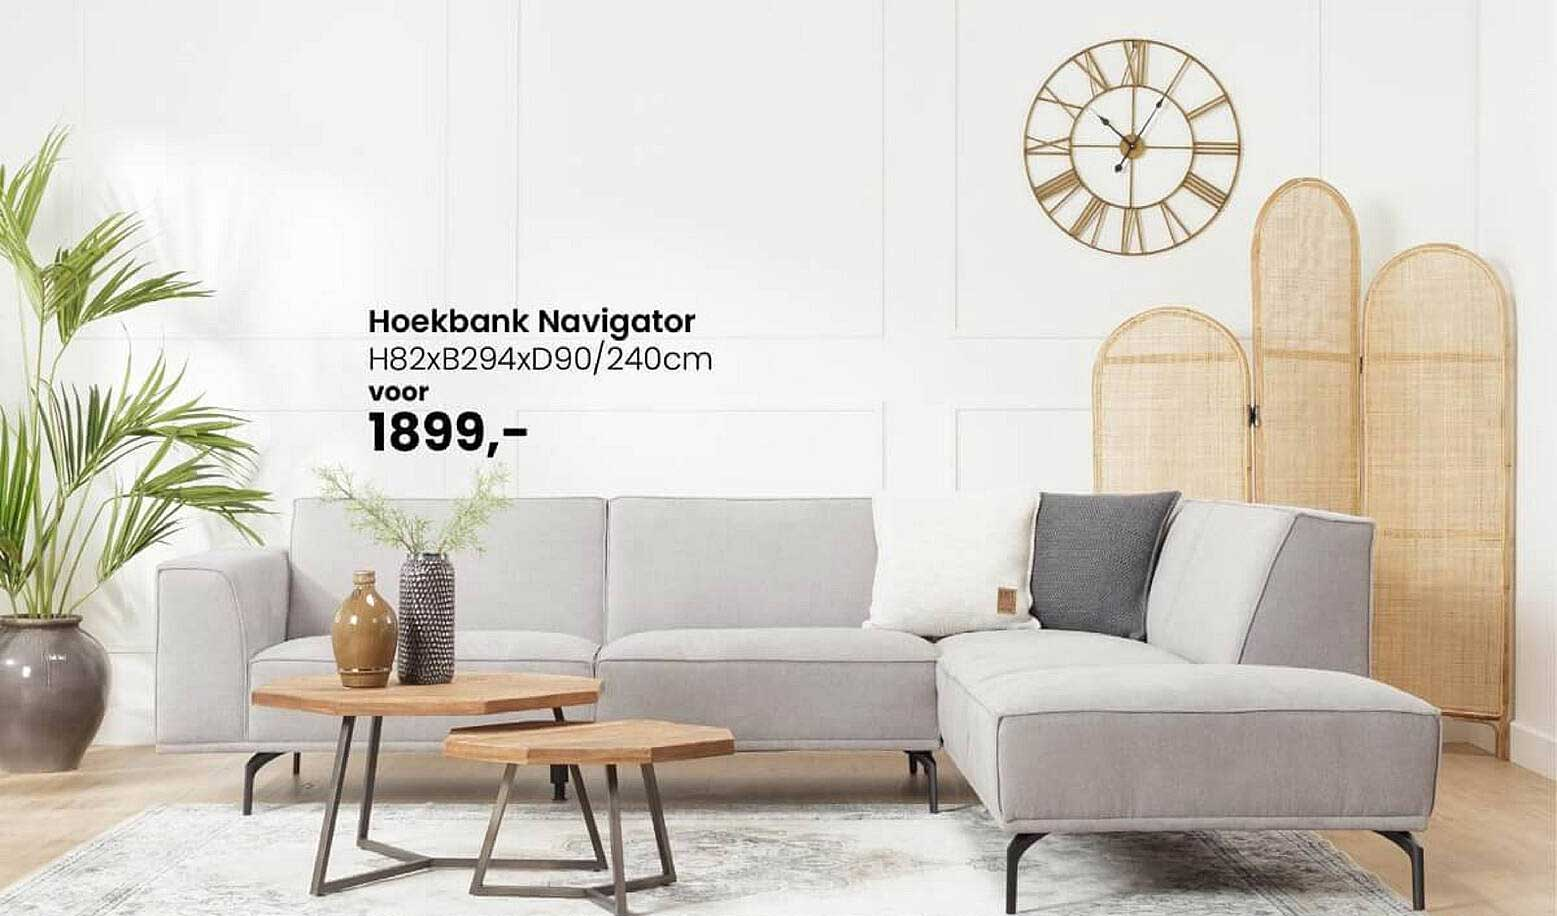 De Bommel Meubelen Hoekbank Navigator